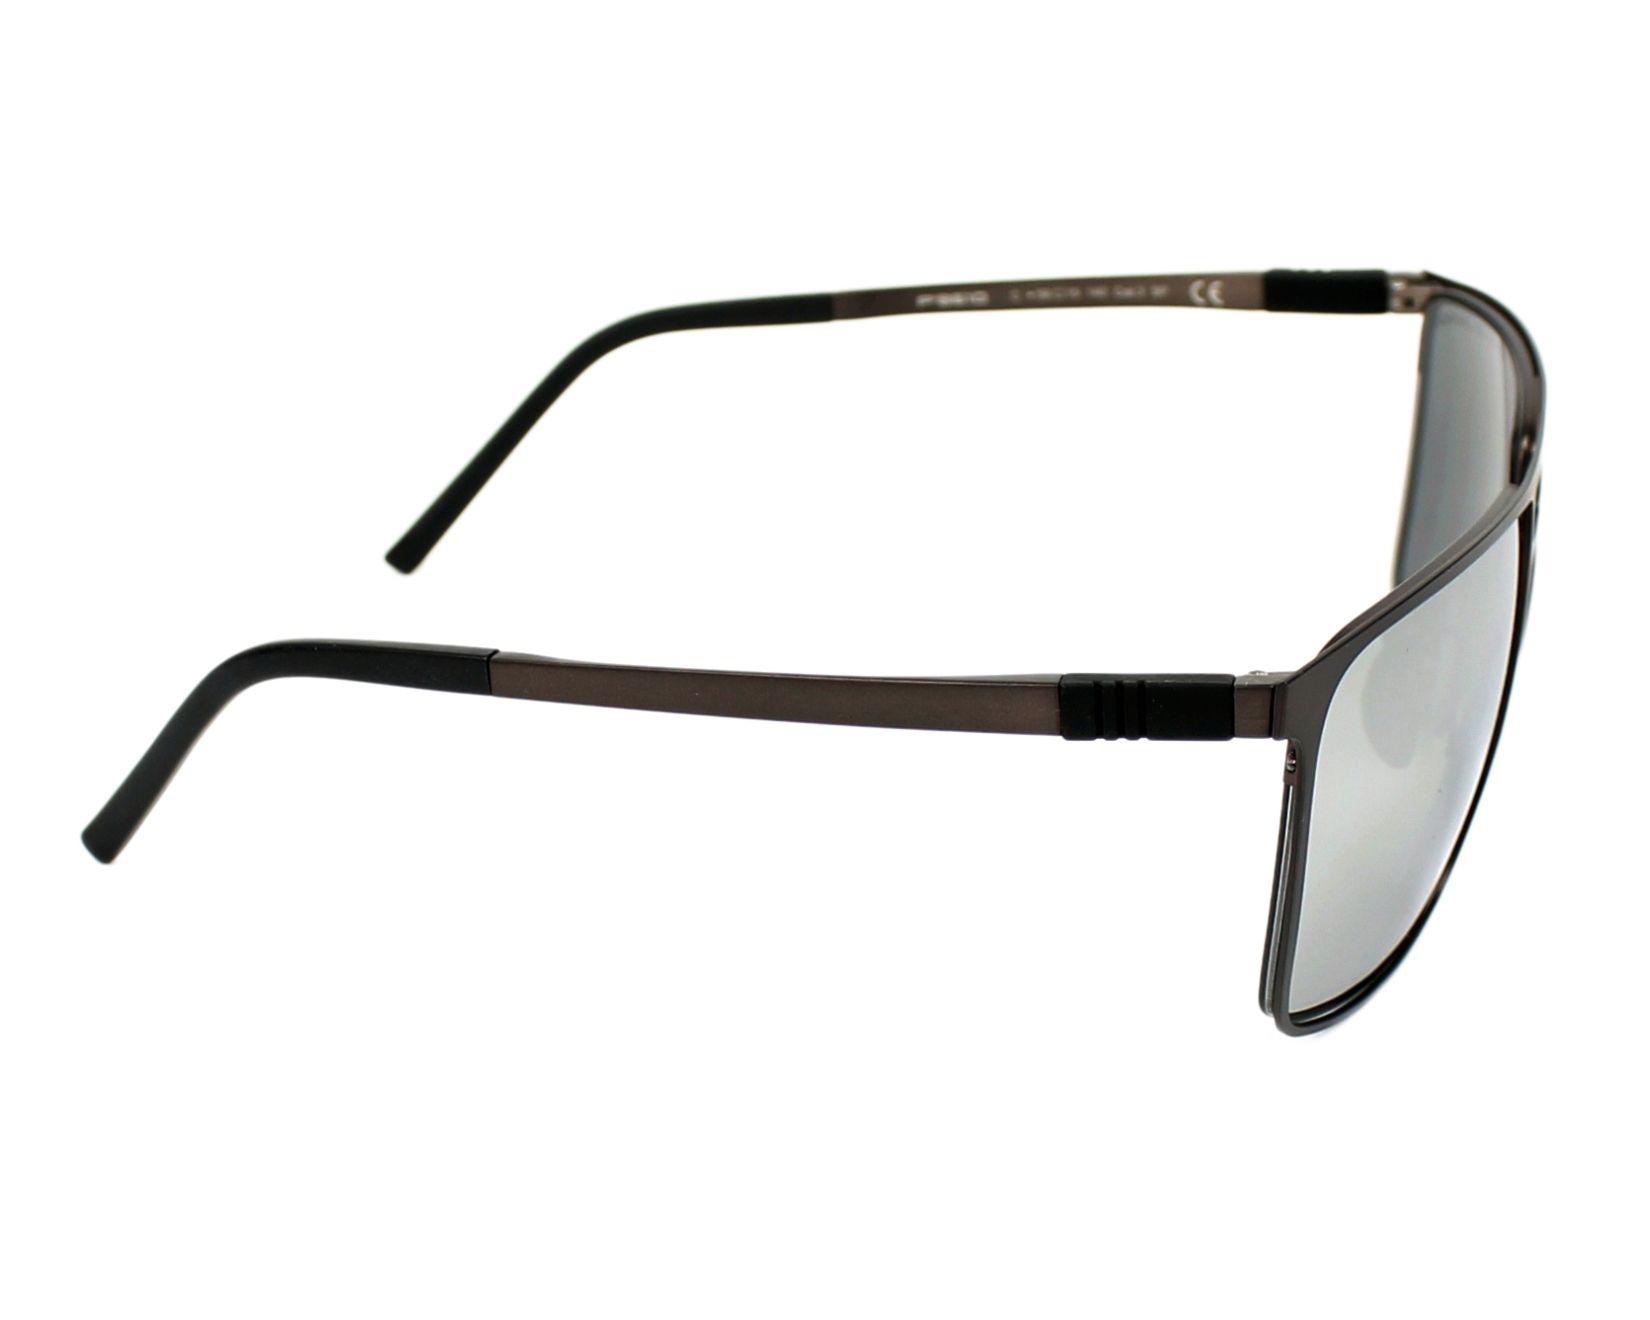 lunettes de soleil porsche design p 8610 c bronze avec des verres gris pour hommes. Black Bedroom Furniture Sets. Home Design Ideas